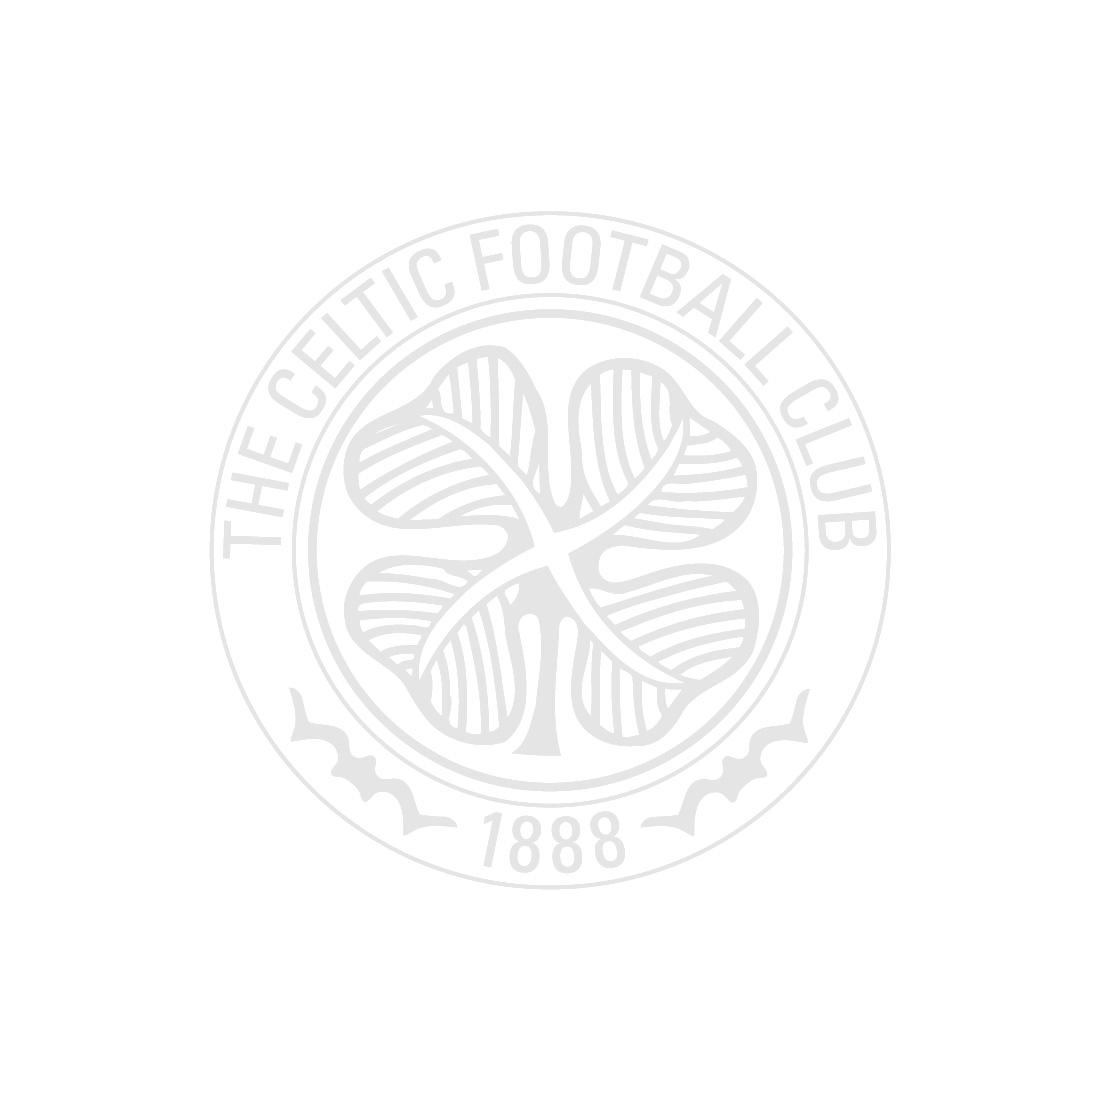 Celtic Mens 20/21 Away Shirt with No Sponsor